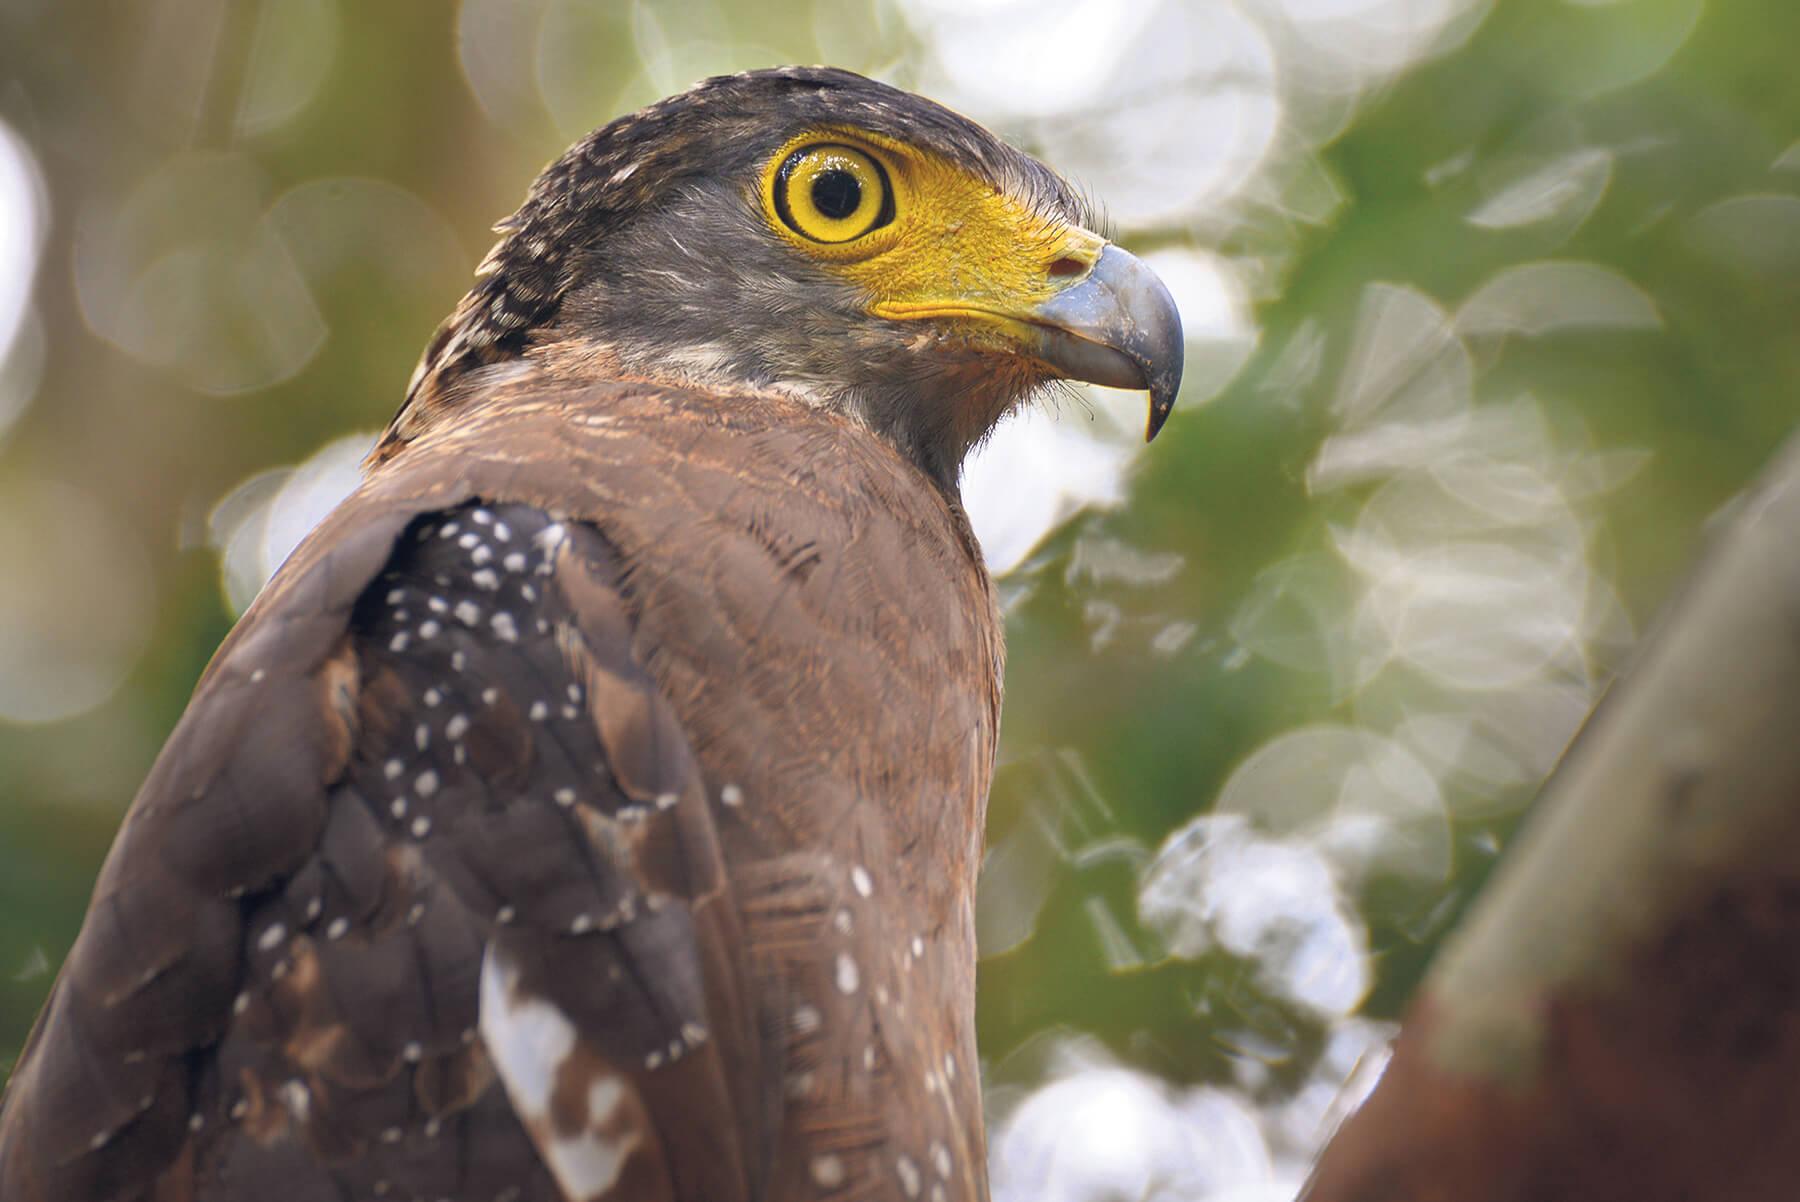 Telephoto lens wildlife